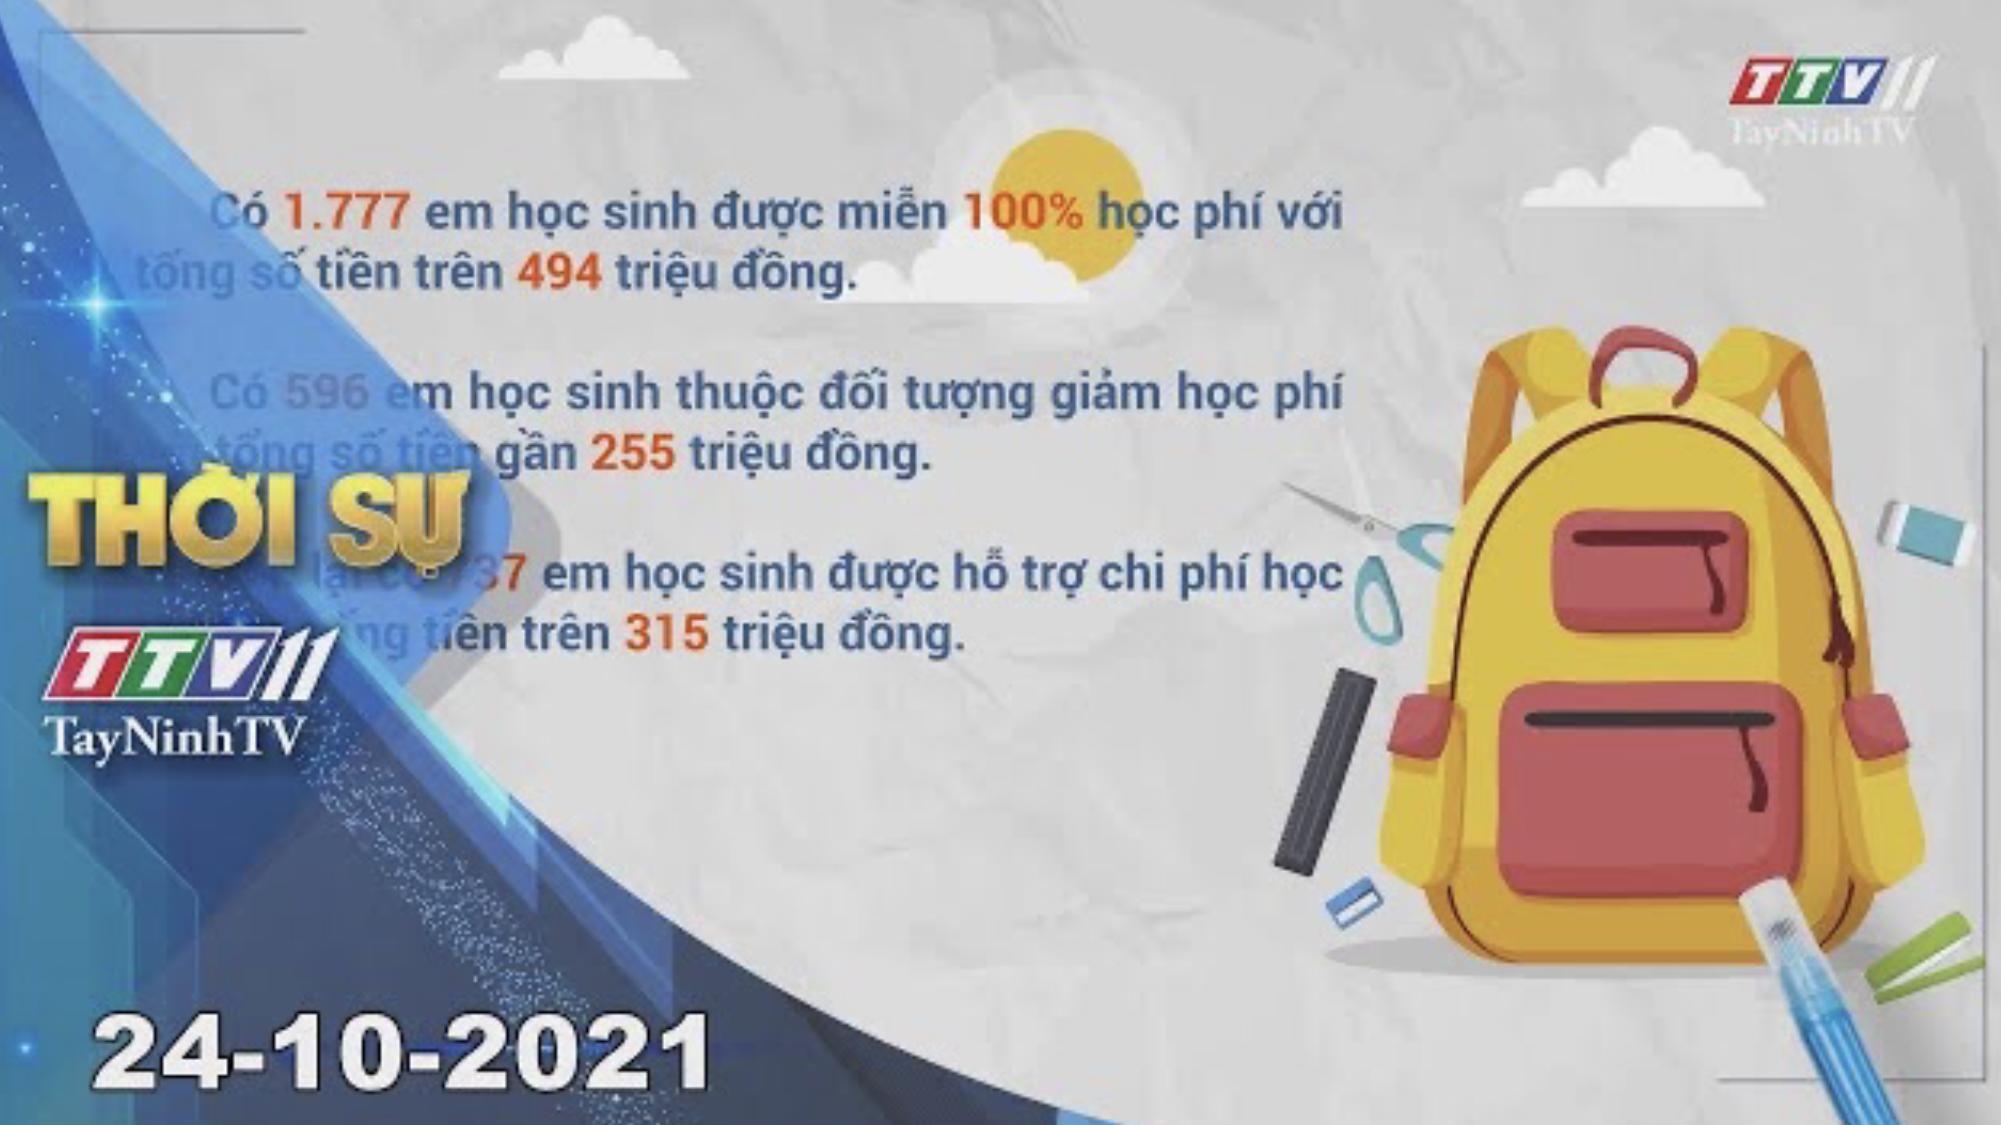 THỜI SỰ TÂY NINH 24/10/2021 | Tin tức hôm nay | TayNinhTV